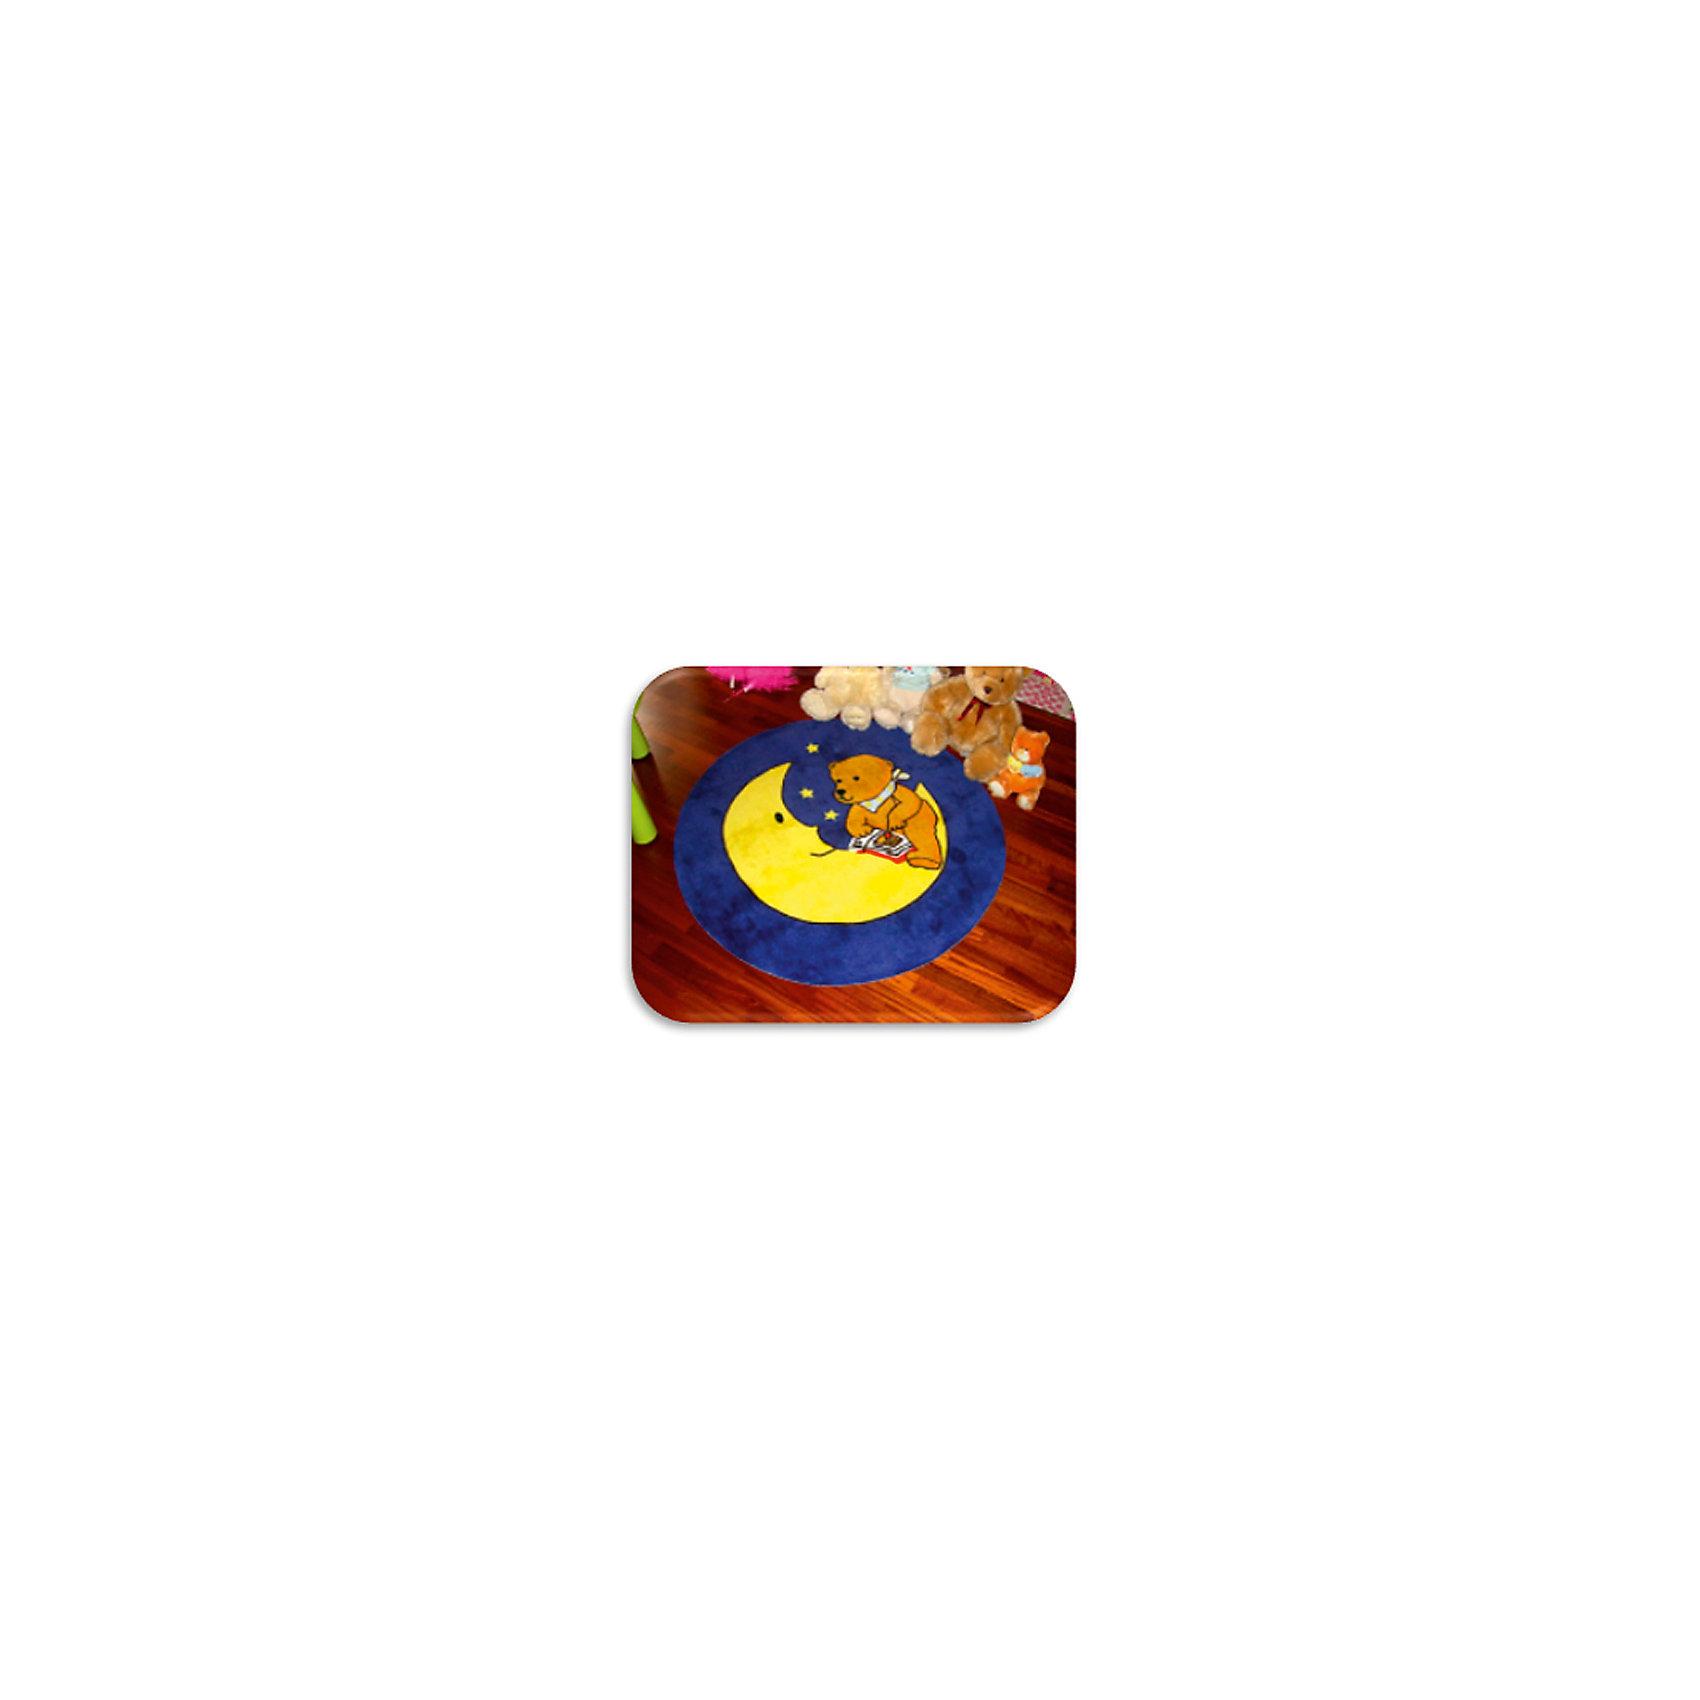 """Ковер """"Мишка на луне"""", диаметр 1,2 м от myToys"""